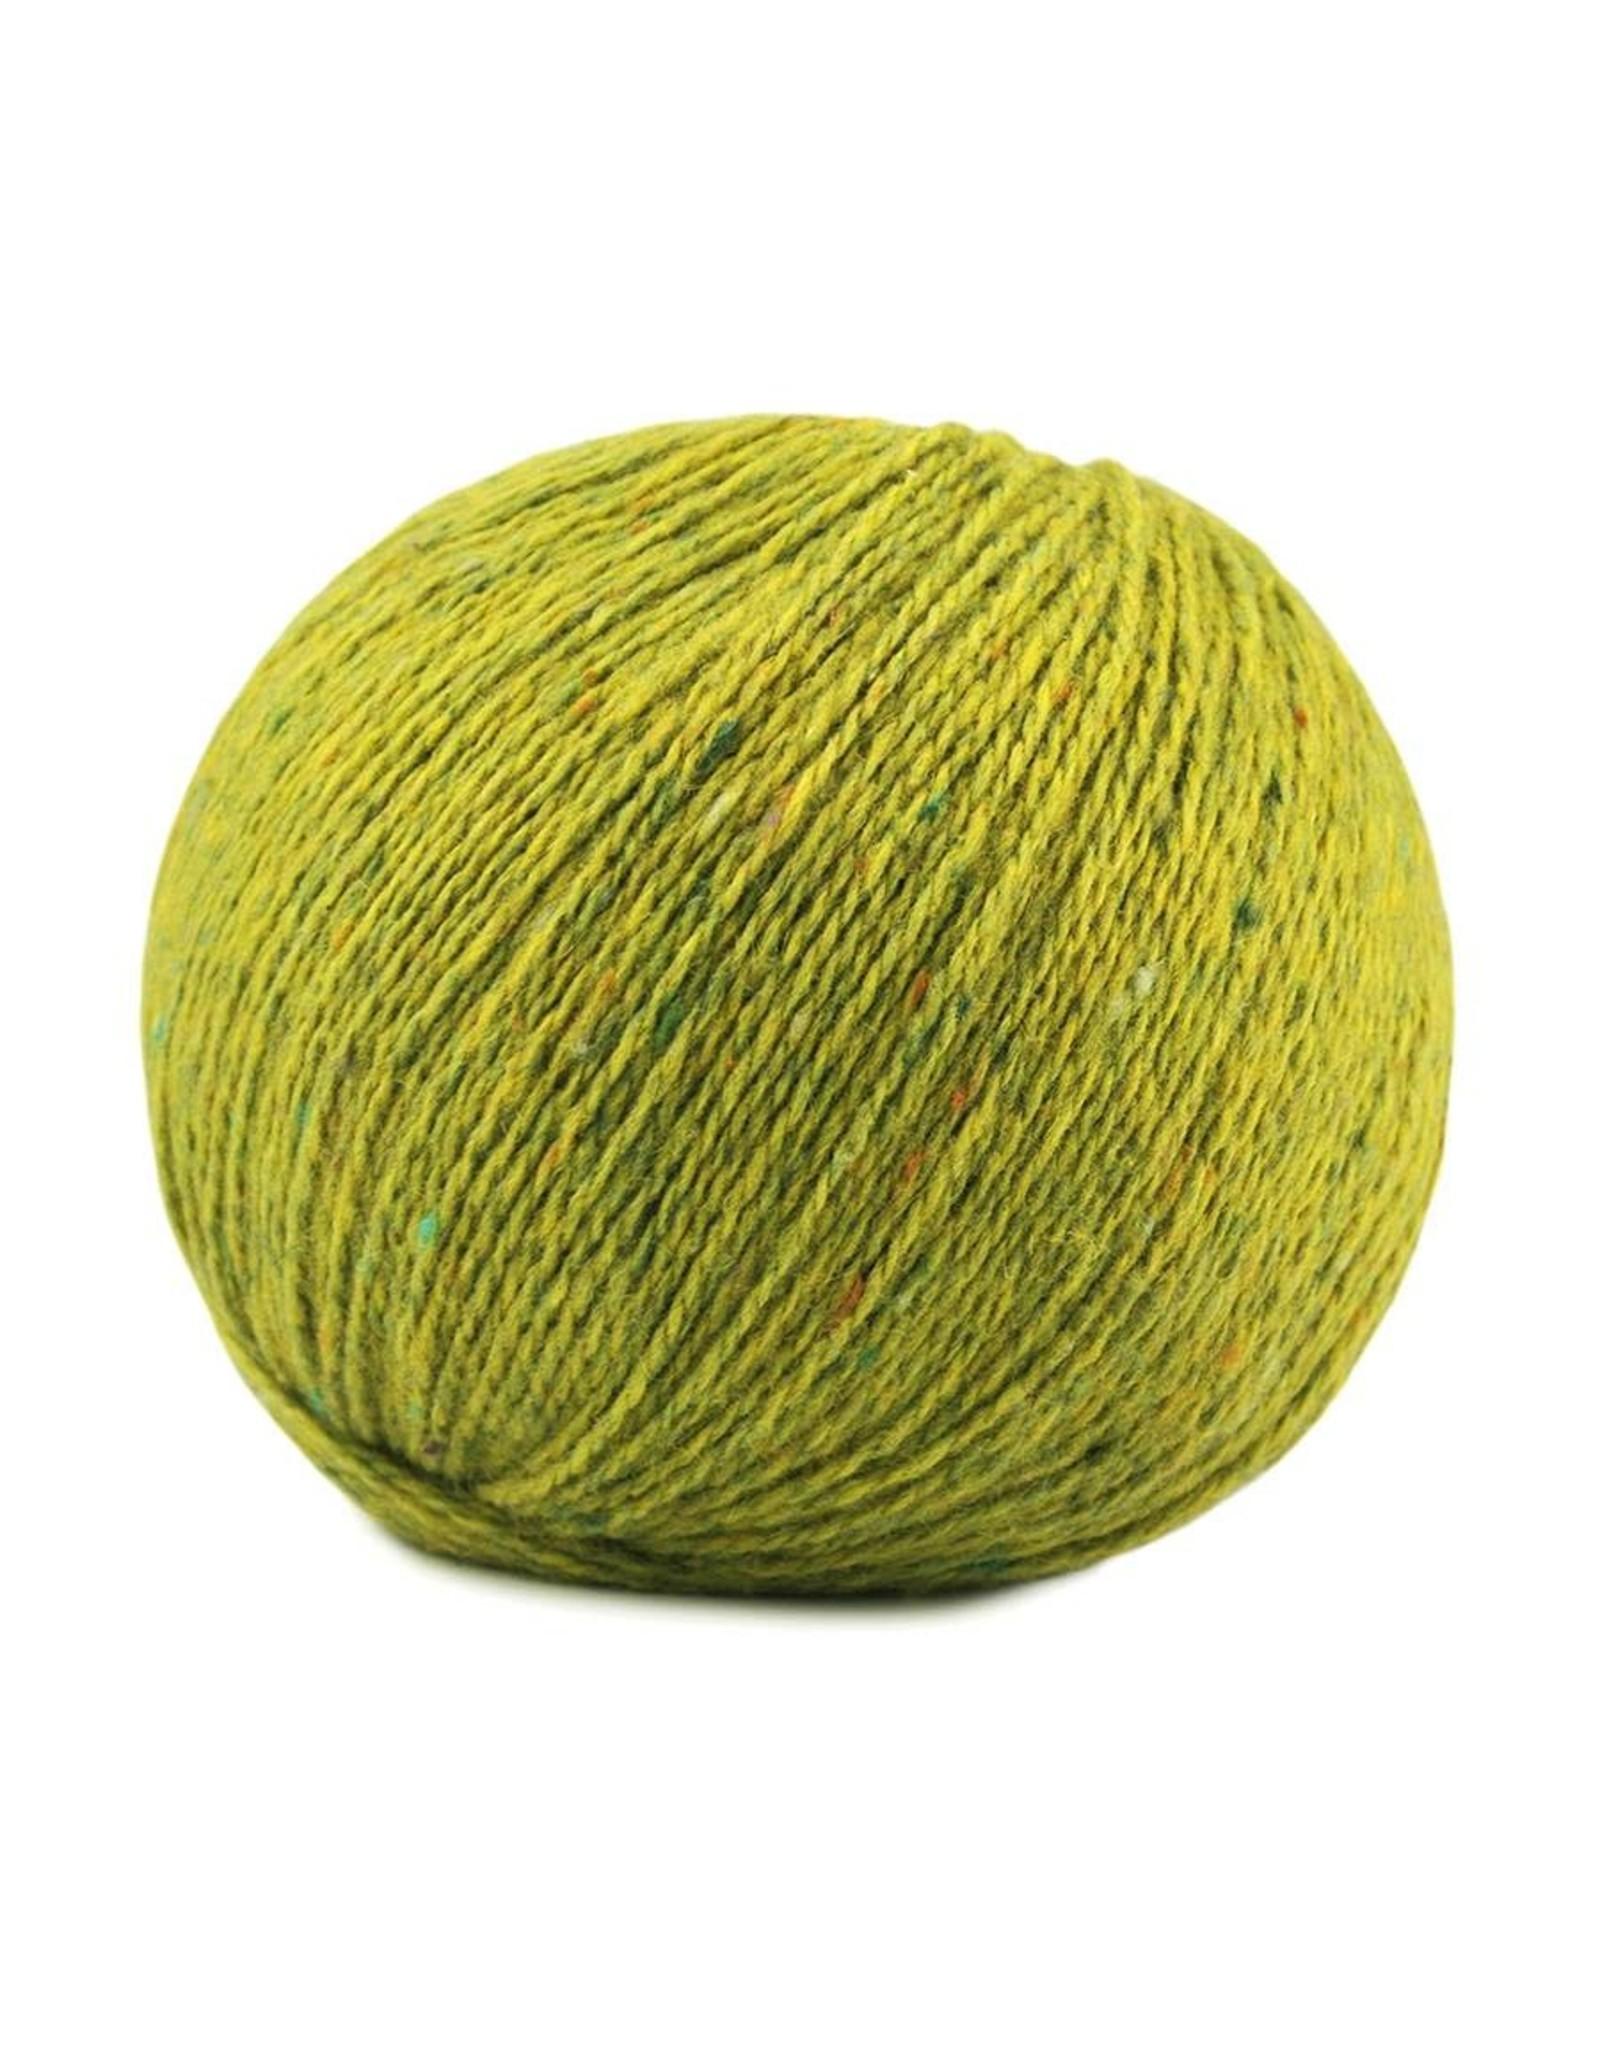 Jody Long Alba #013 Moss